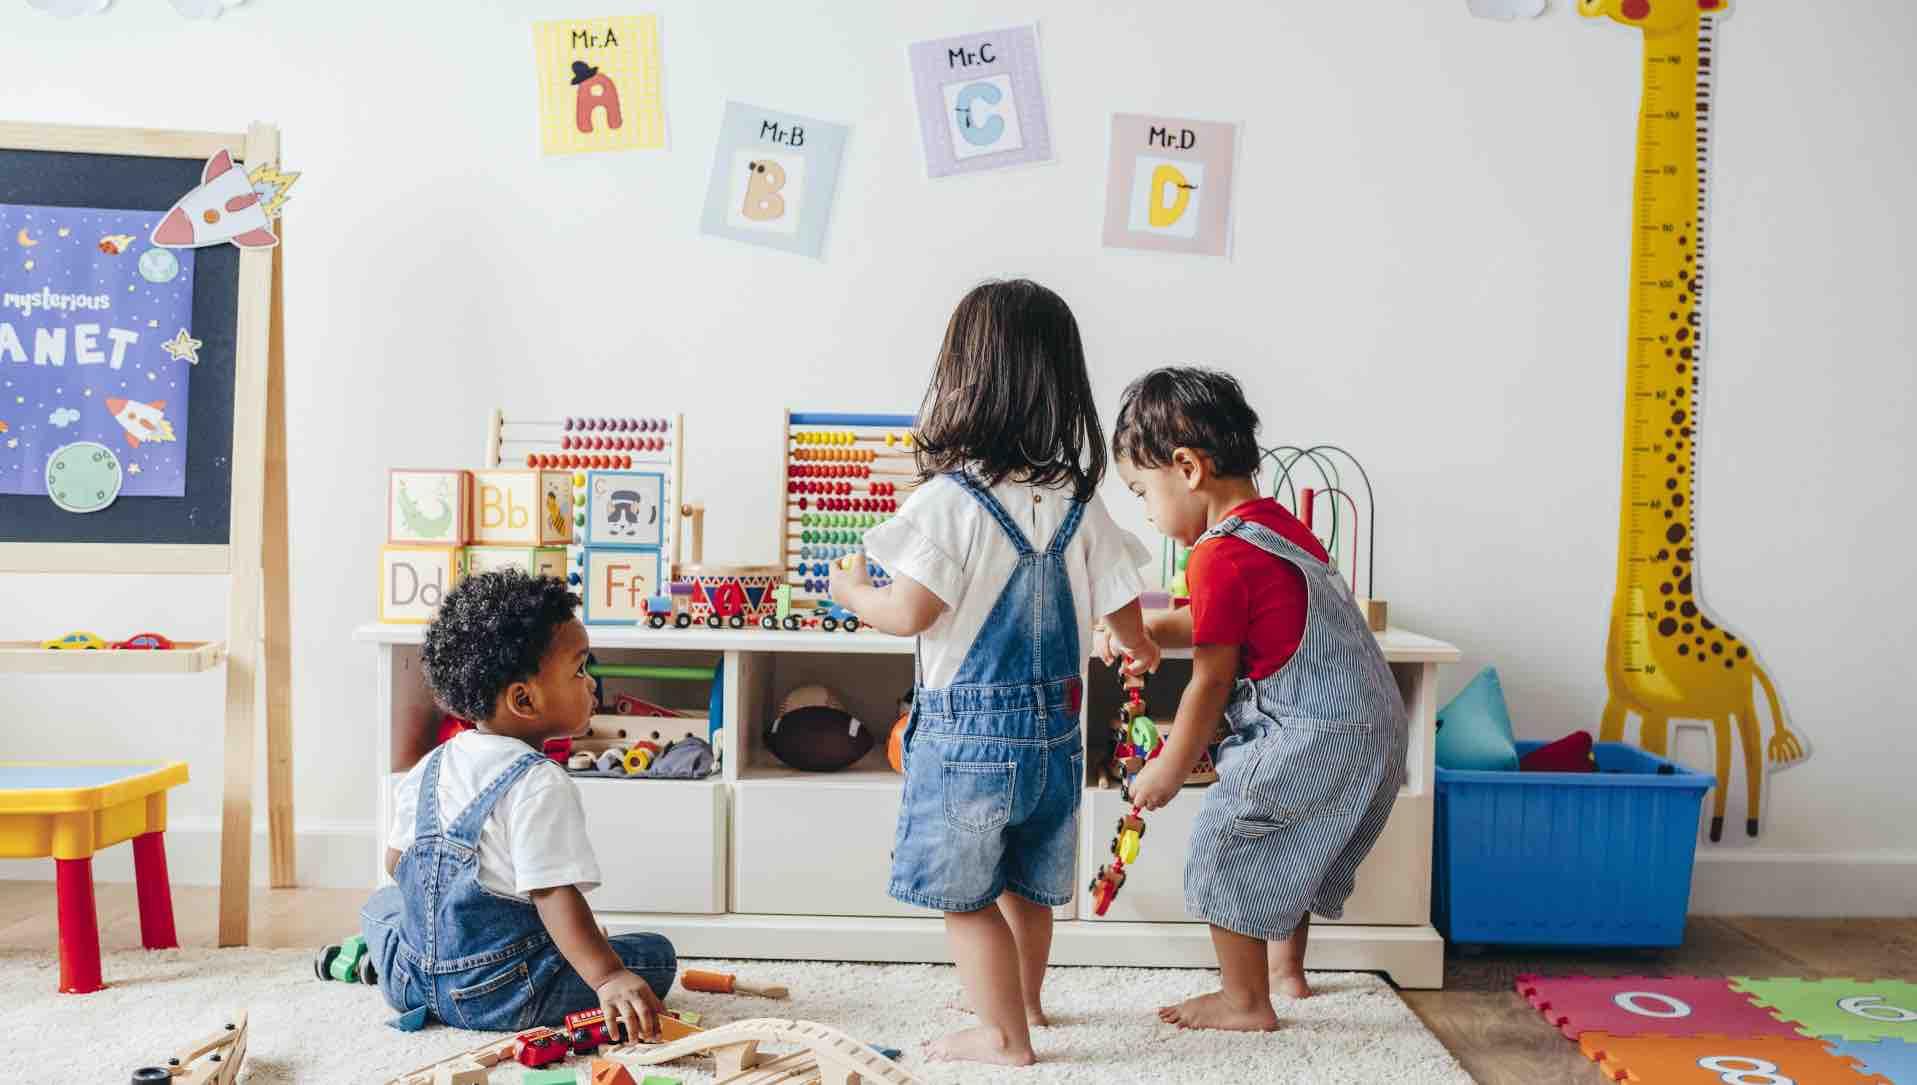 Kinderzimmer_mit_Spielzeugen_und_Buechern